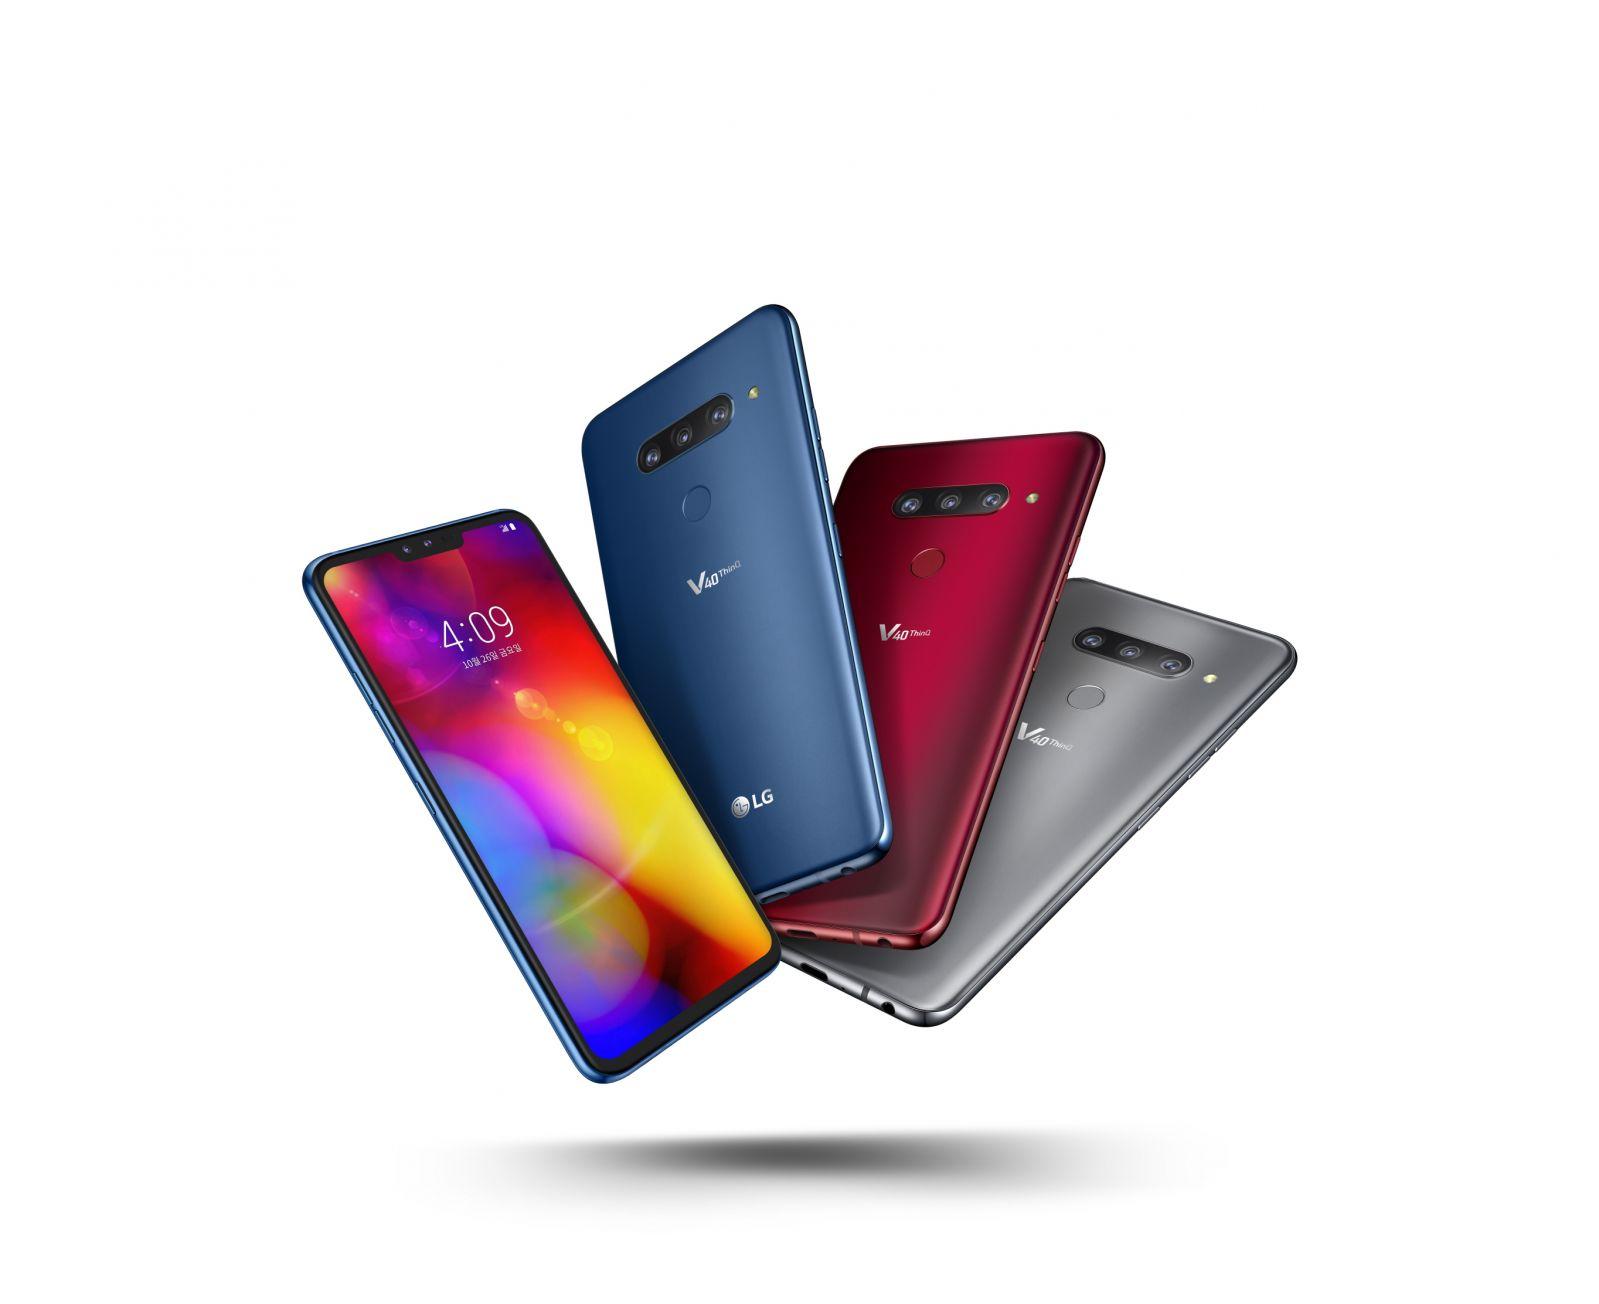 LG V40 ThinQ, LG V40 ThinQ 스펙, LG V40 ThinQ 디자인, LG V40 ThinQ 가격, V40, LG 스마트폰, IT, 스마트폰, 리뷰